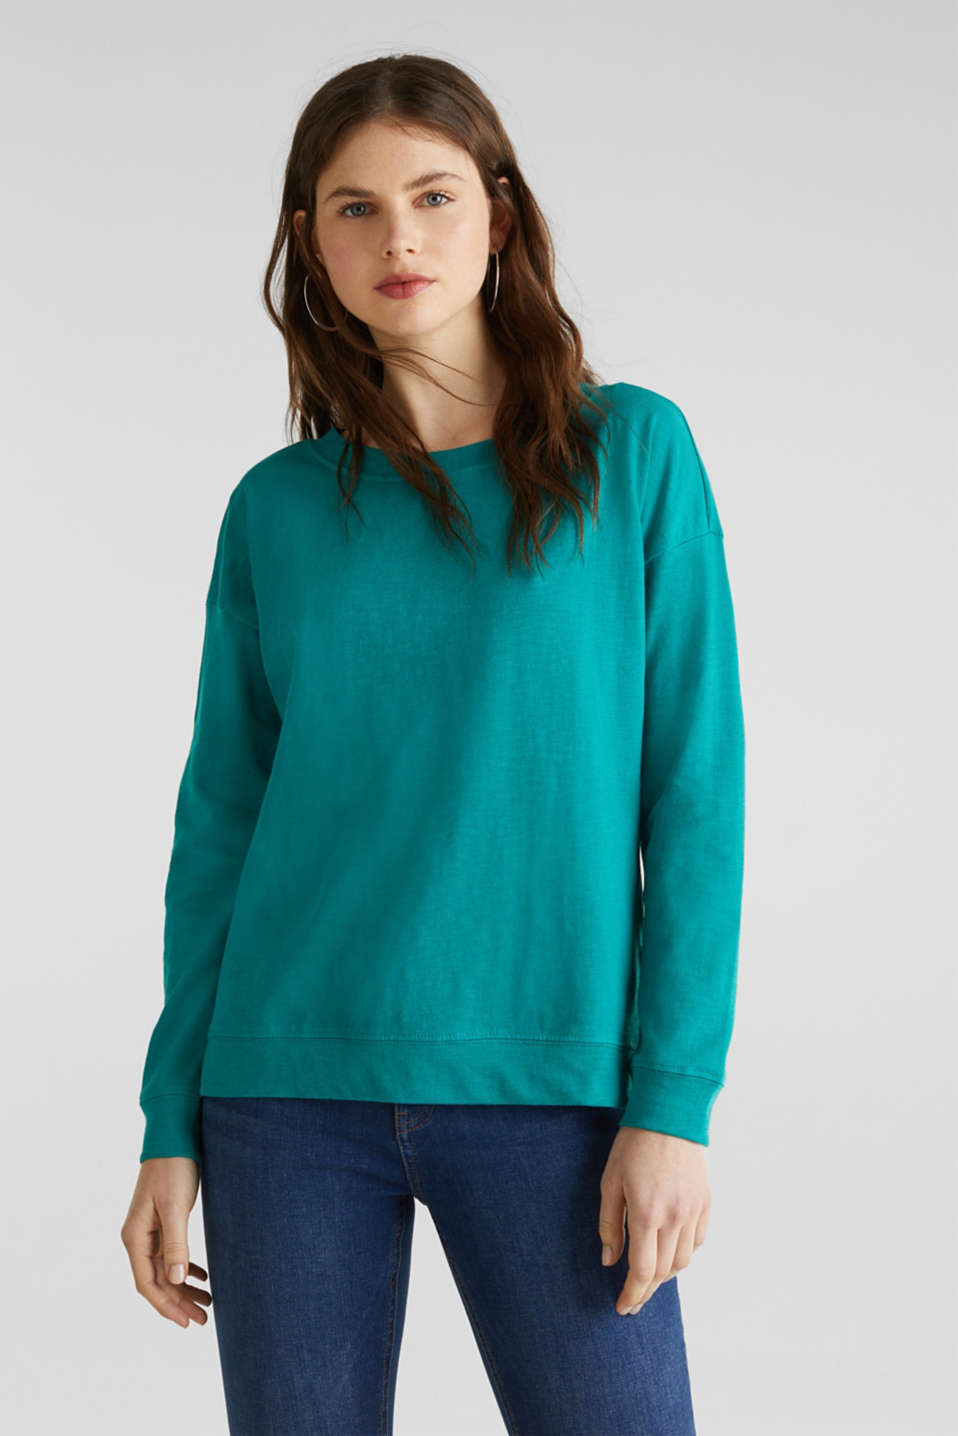 Slub sweatshirt made of 100% organic cotton, TEAL GREEN, detail image number 0